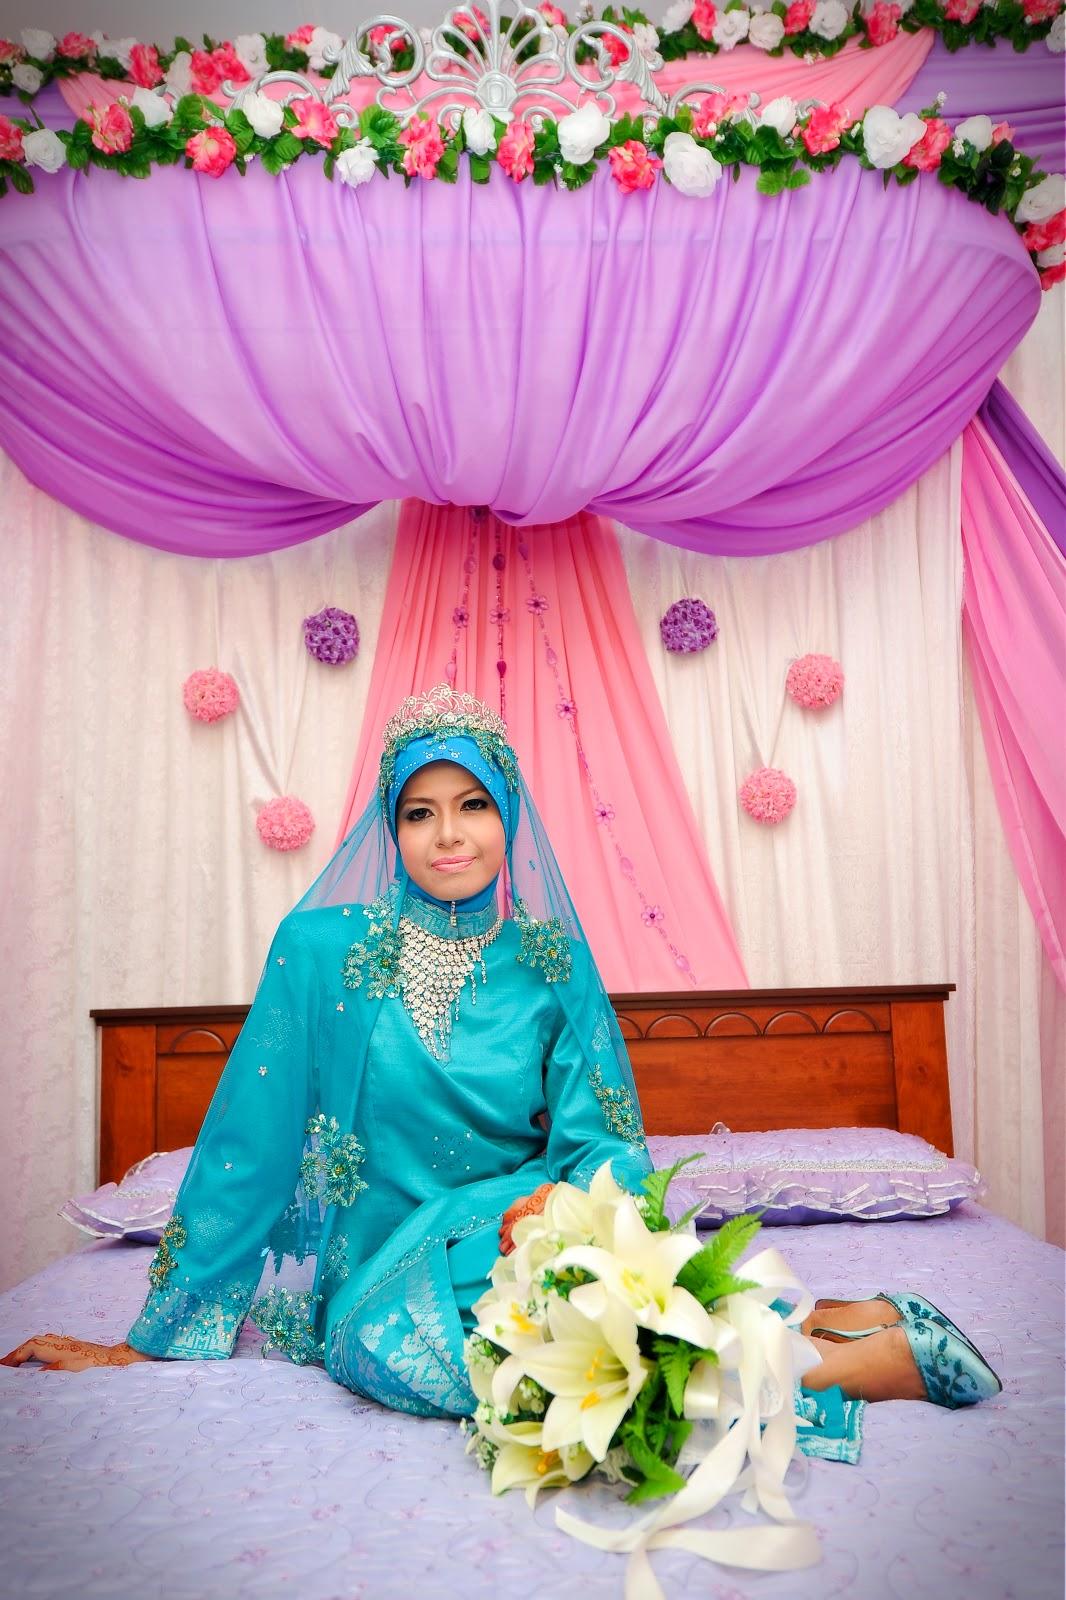 Hiasan Khemah @ Canopy & Gubahan Hantaran Perkahwinan at 6:32 AM